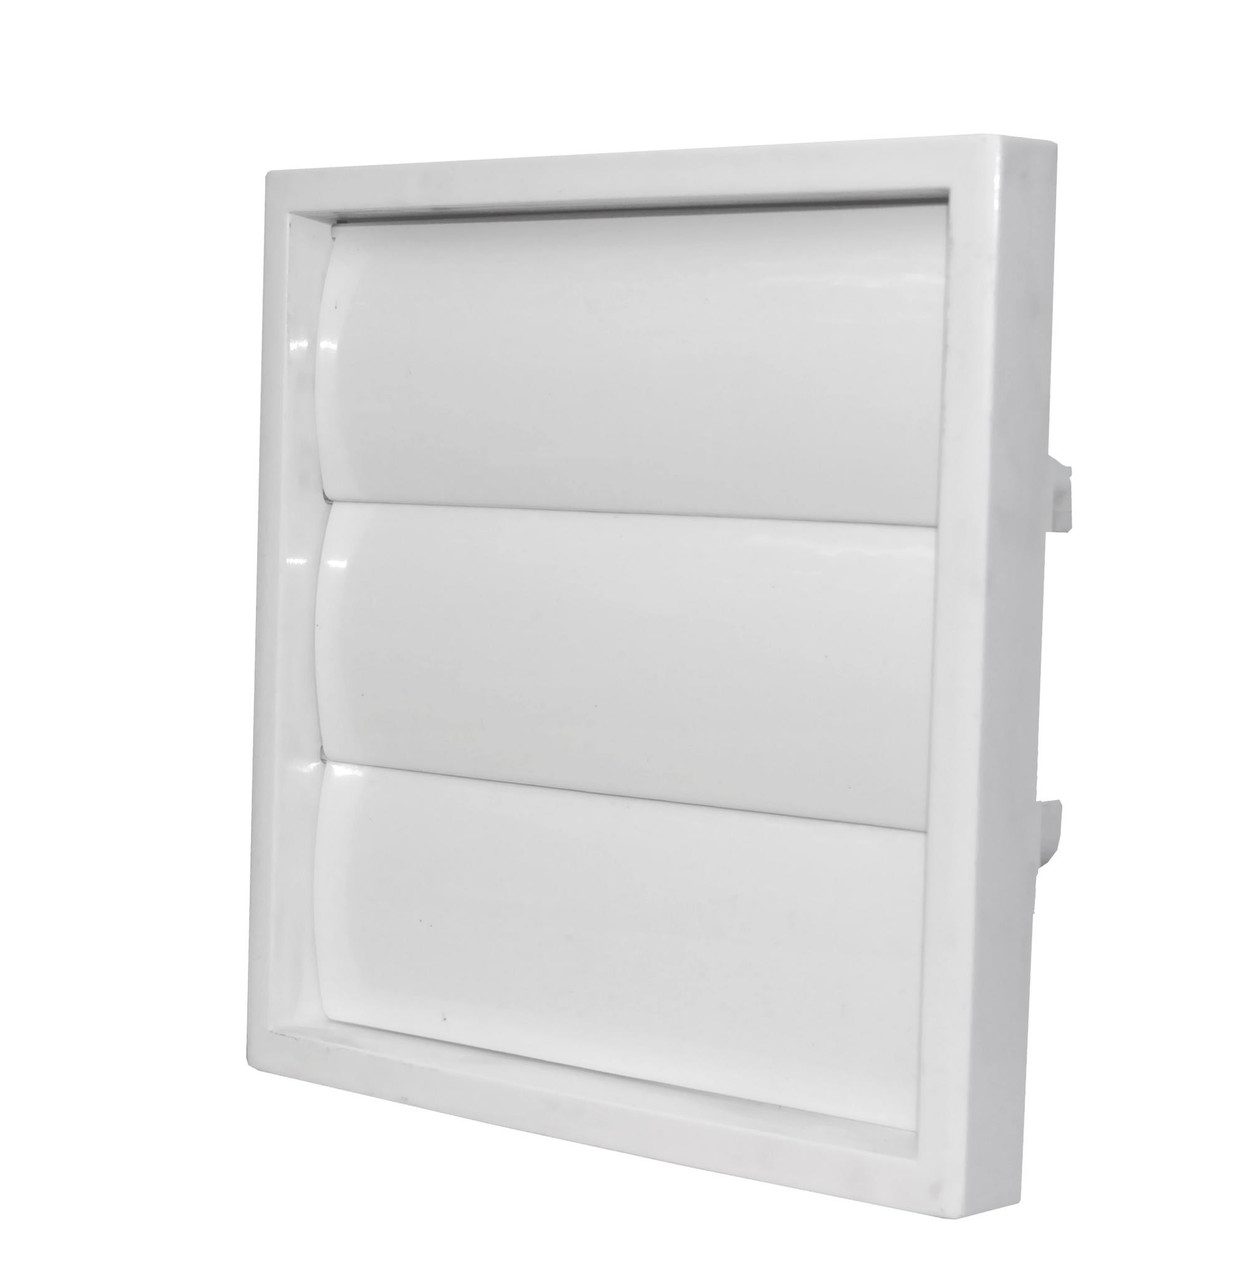 Решітка вентиляційна Dospel KRZ 150 (007-0183)